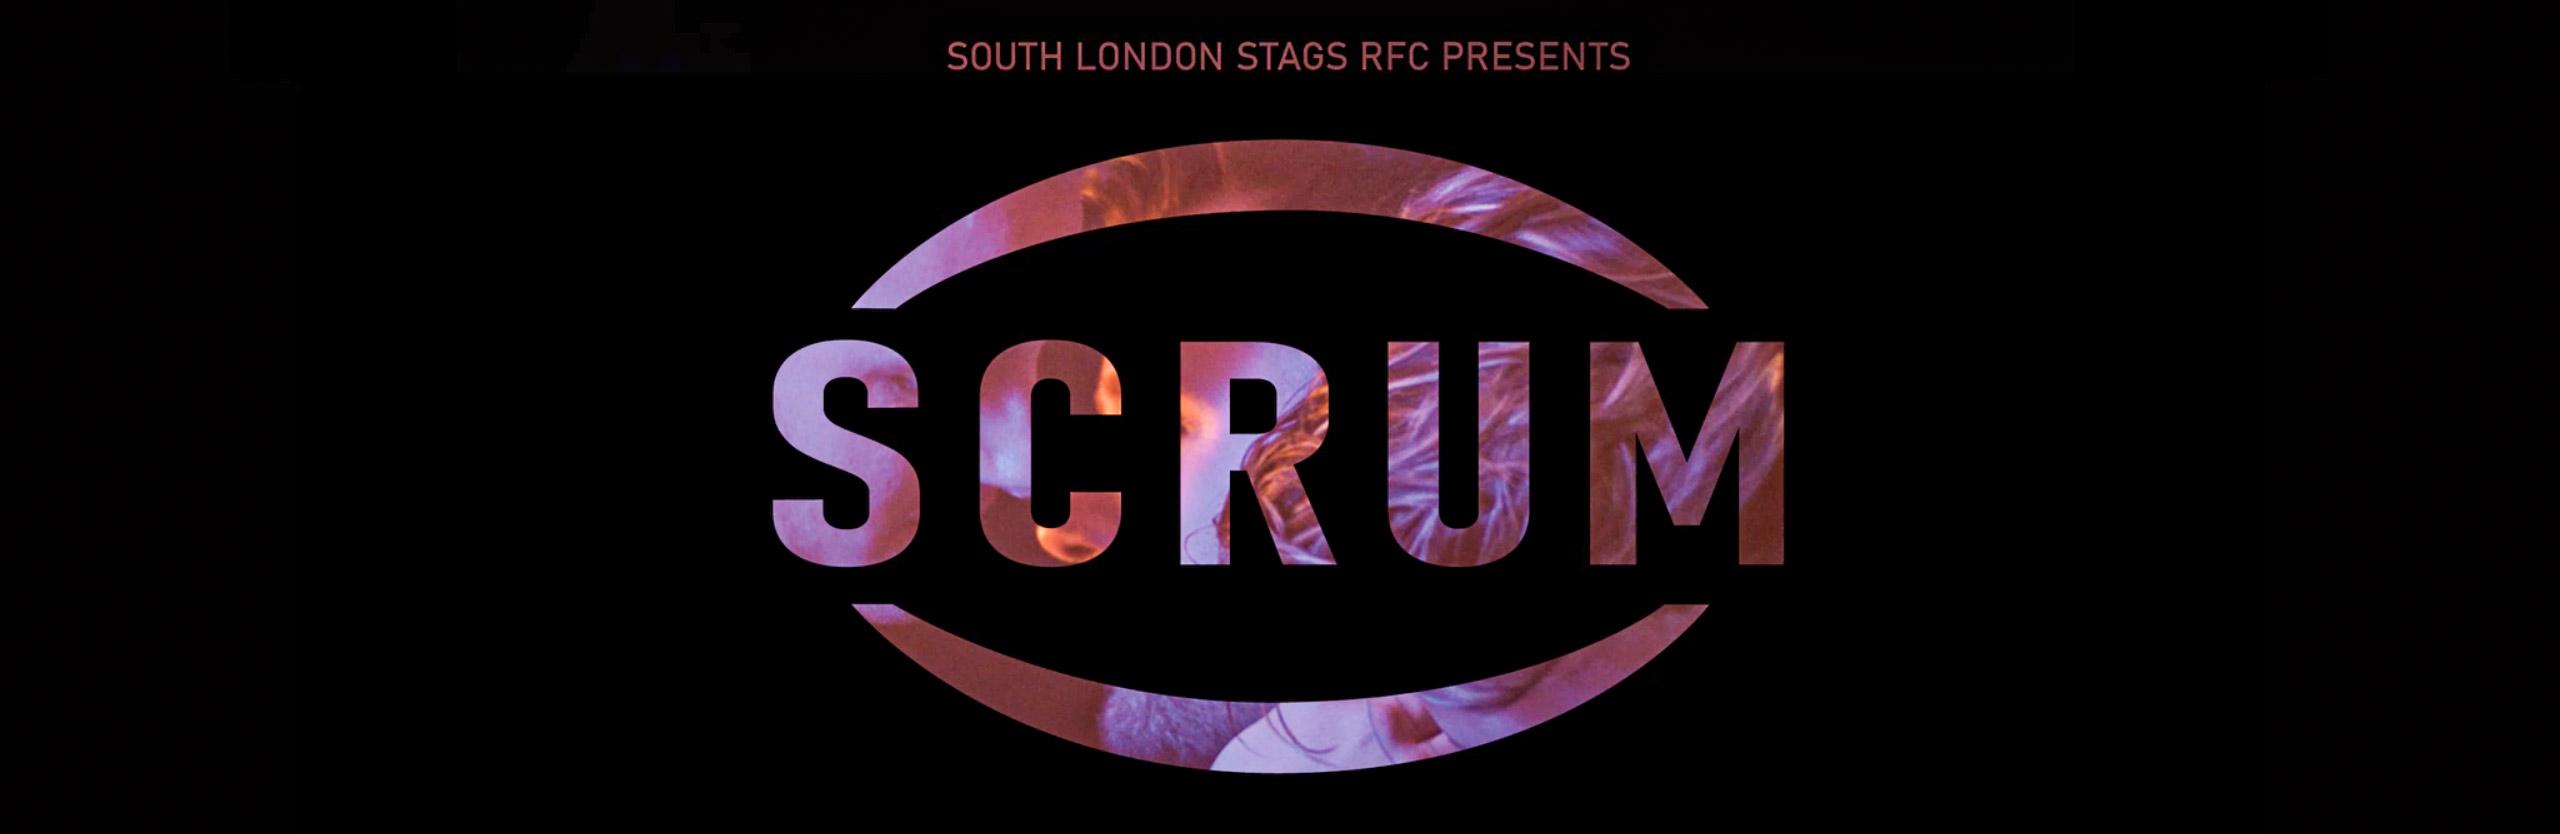 SCRUM_End-Card